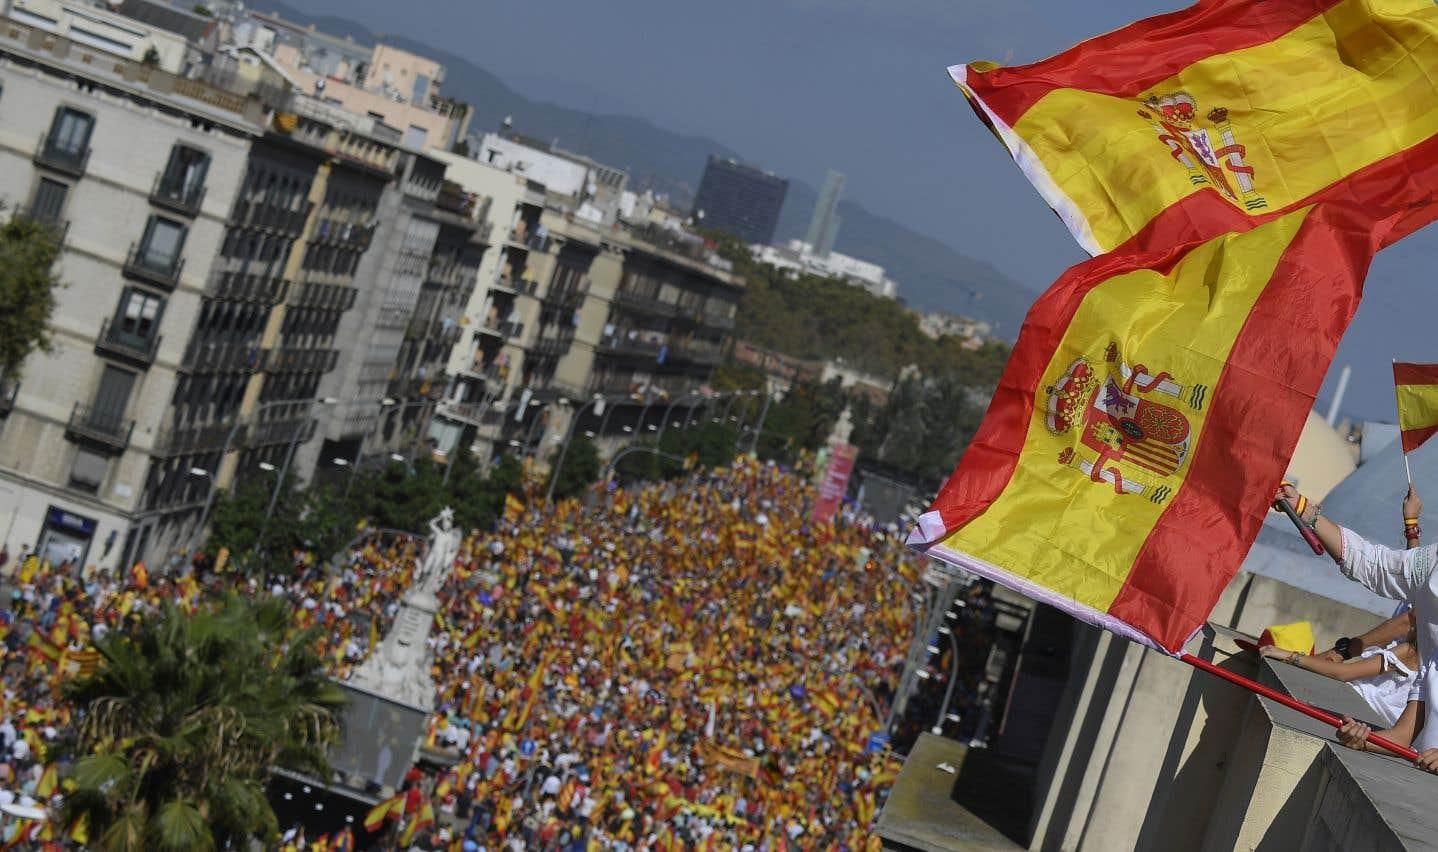 Catalogne: Des centaines de milliers de manifestants contre l'indépendance à Barcelone